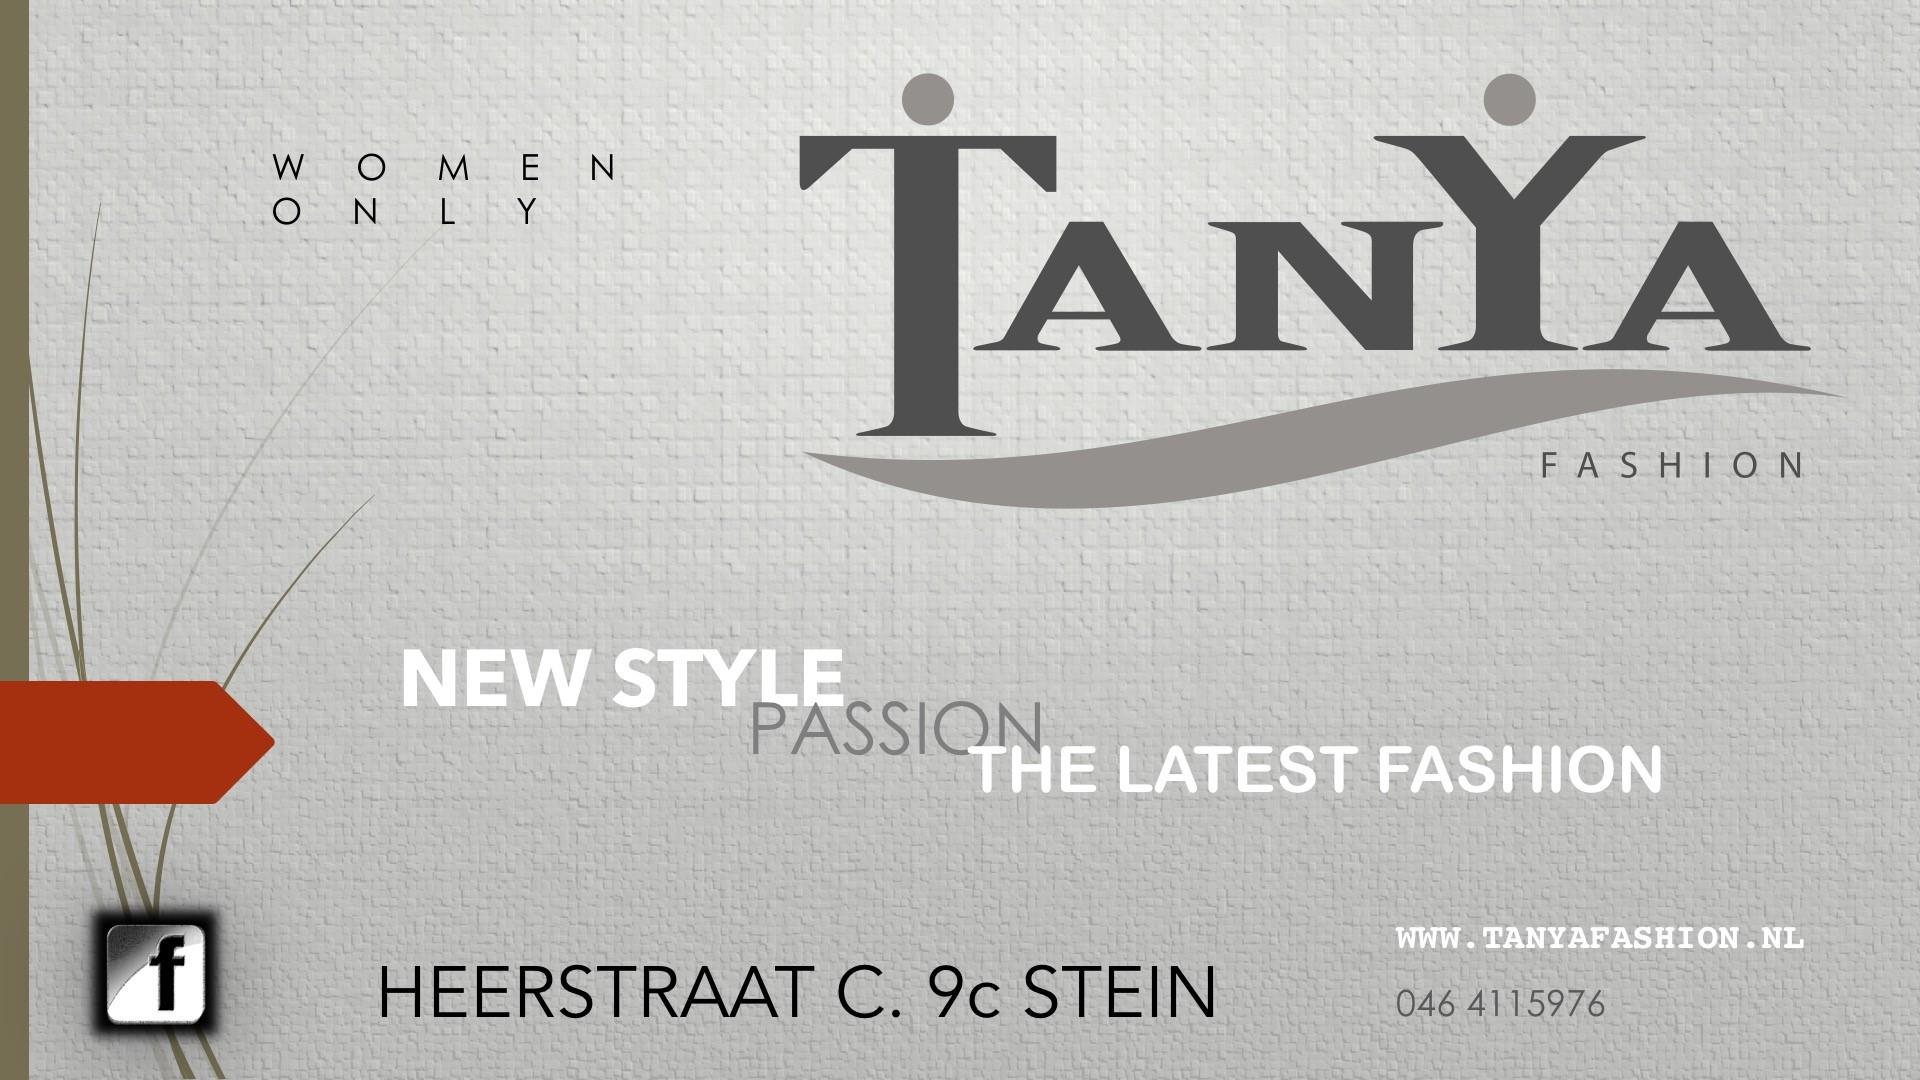 Tanya Fashion